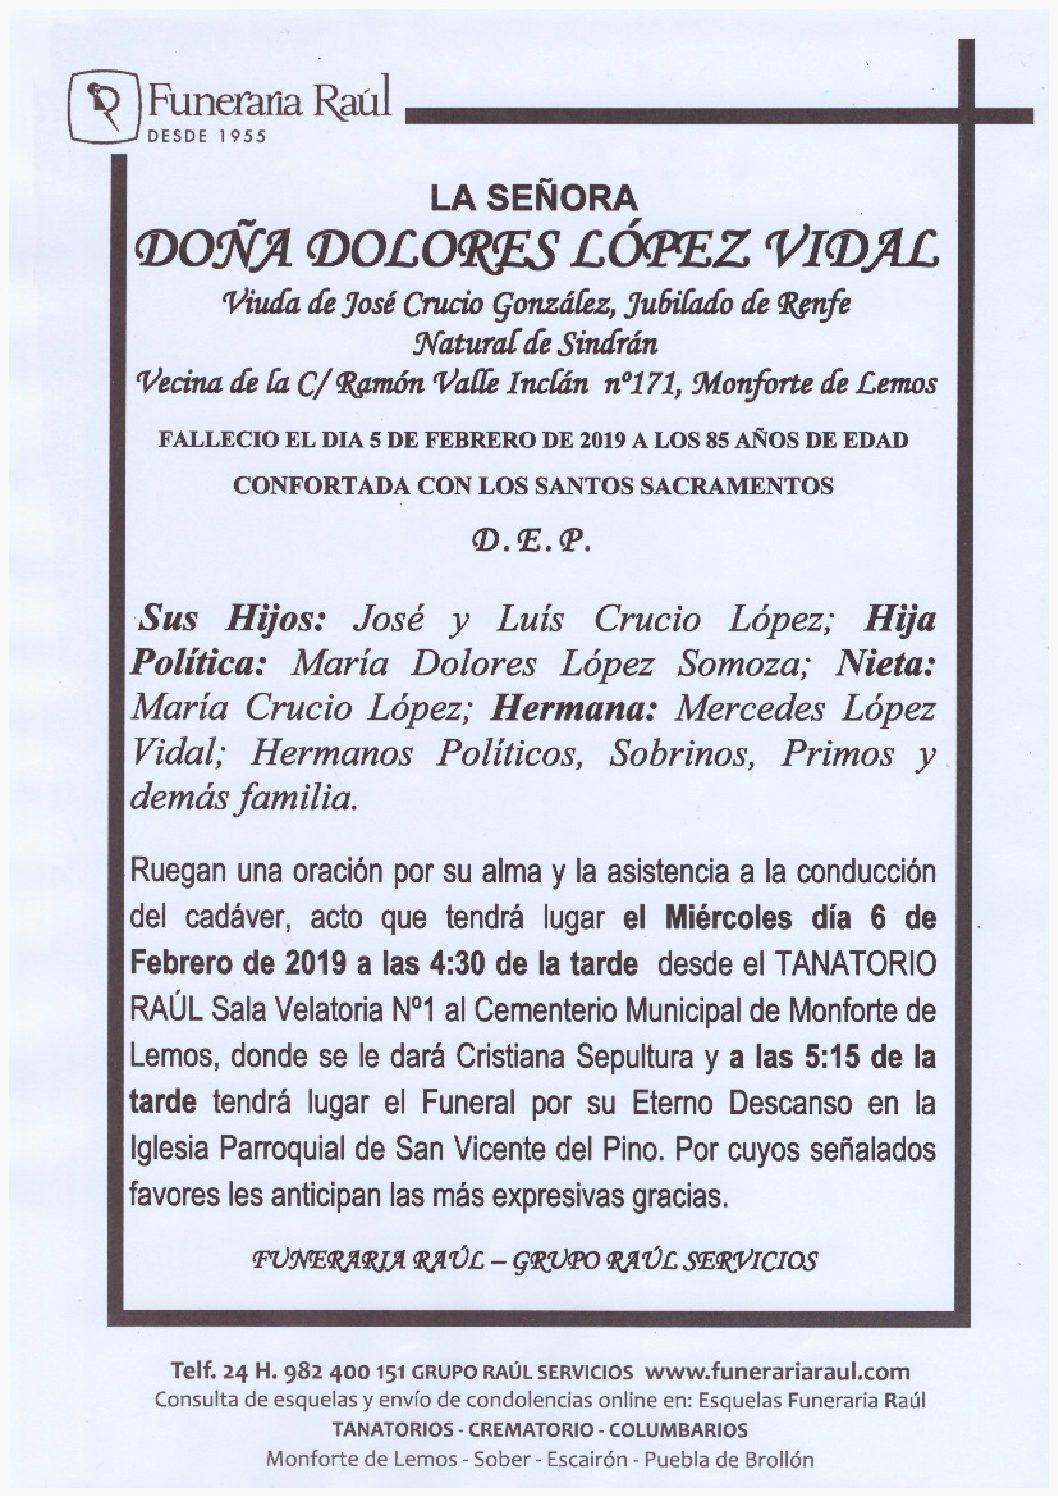 DOÑA DOLORES LOPEZ VIDAL